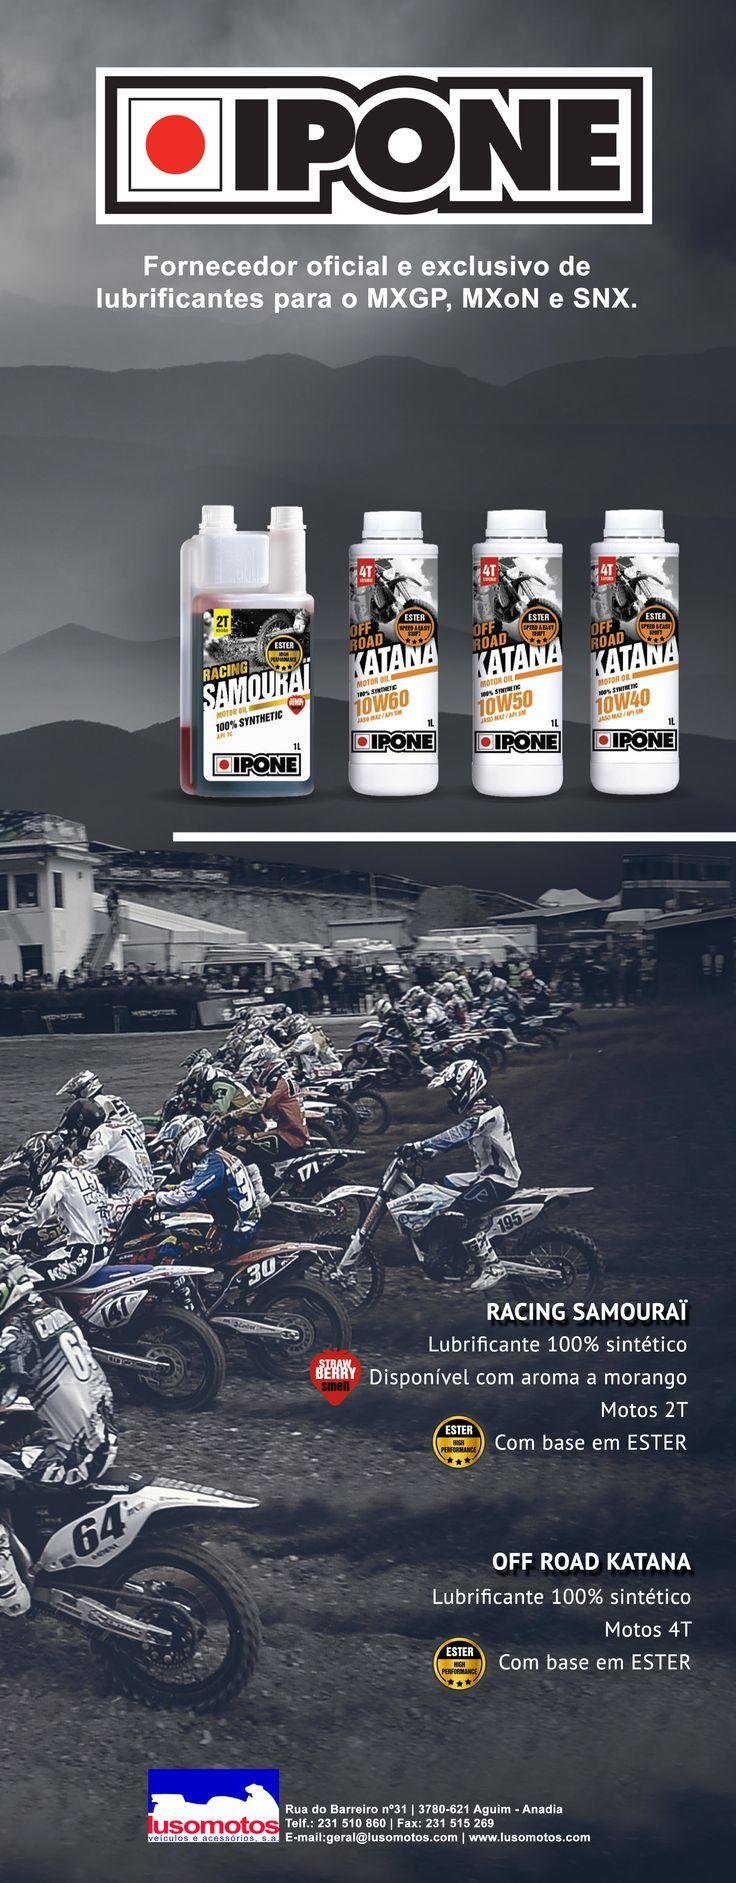 IPONE   Fornecedor oficial e exclusivo de lubrificantes para o MXGP, MXoN, SNX e Red Bull MotoGP Rookies Cup. #ipone #lusomotos #lubrificante #katana #ester #morango #samourai #sintético #motos #offroad #racing